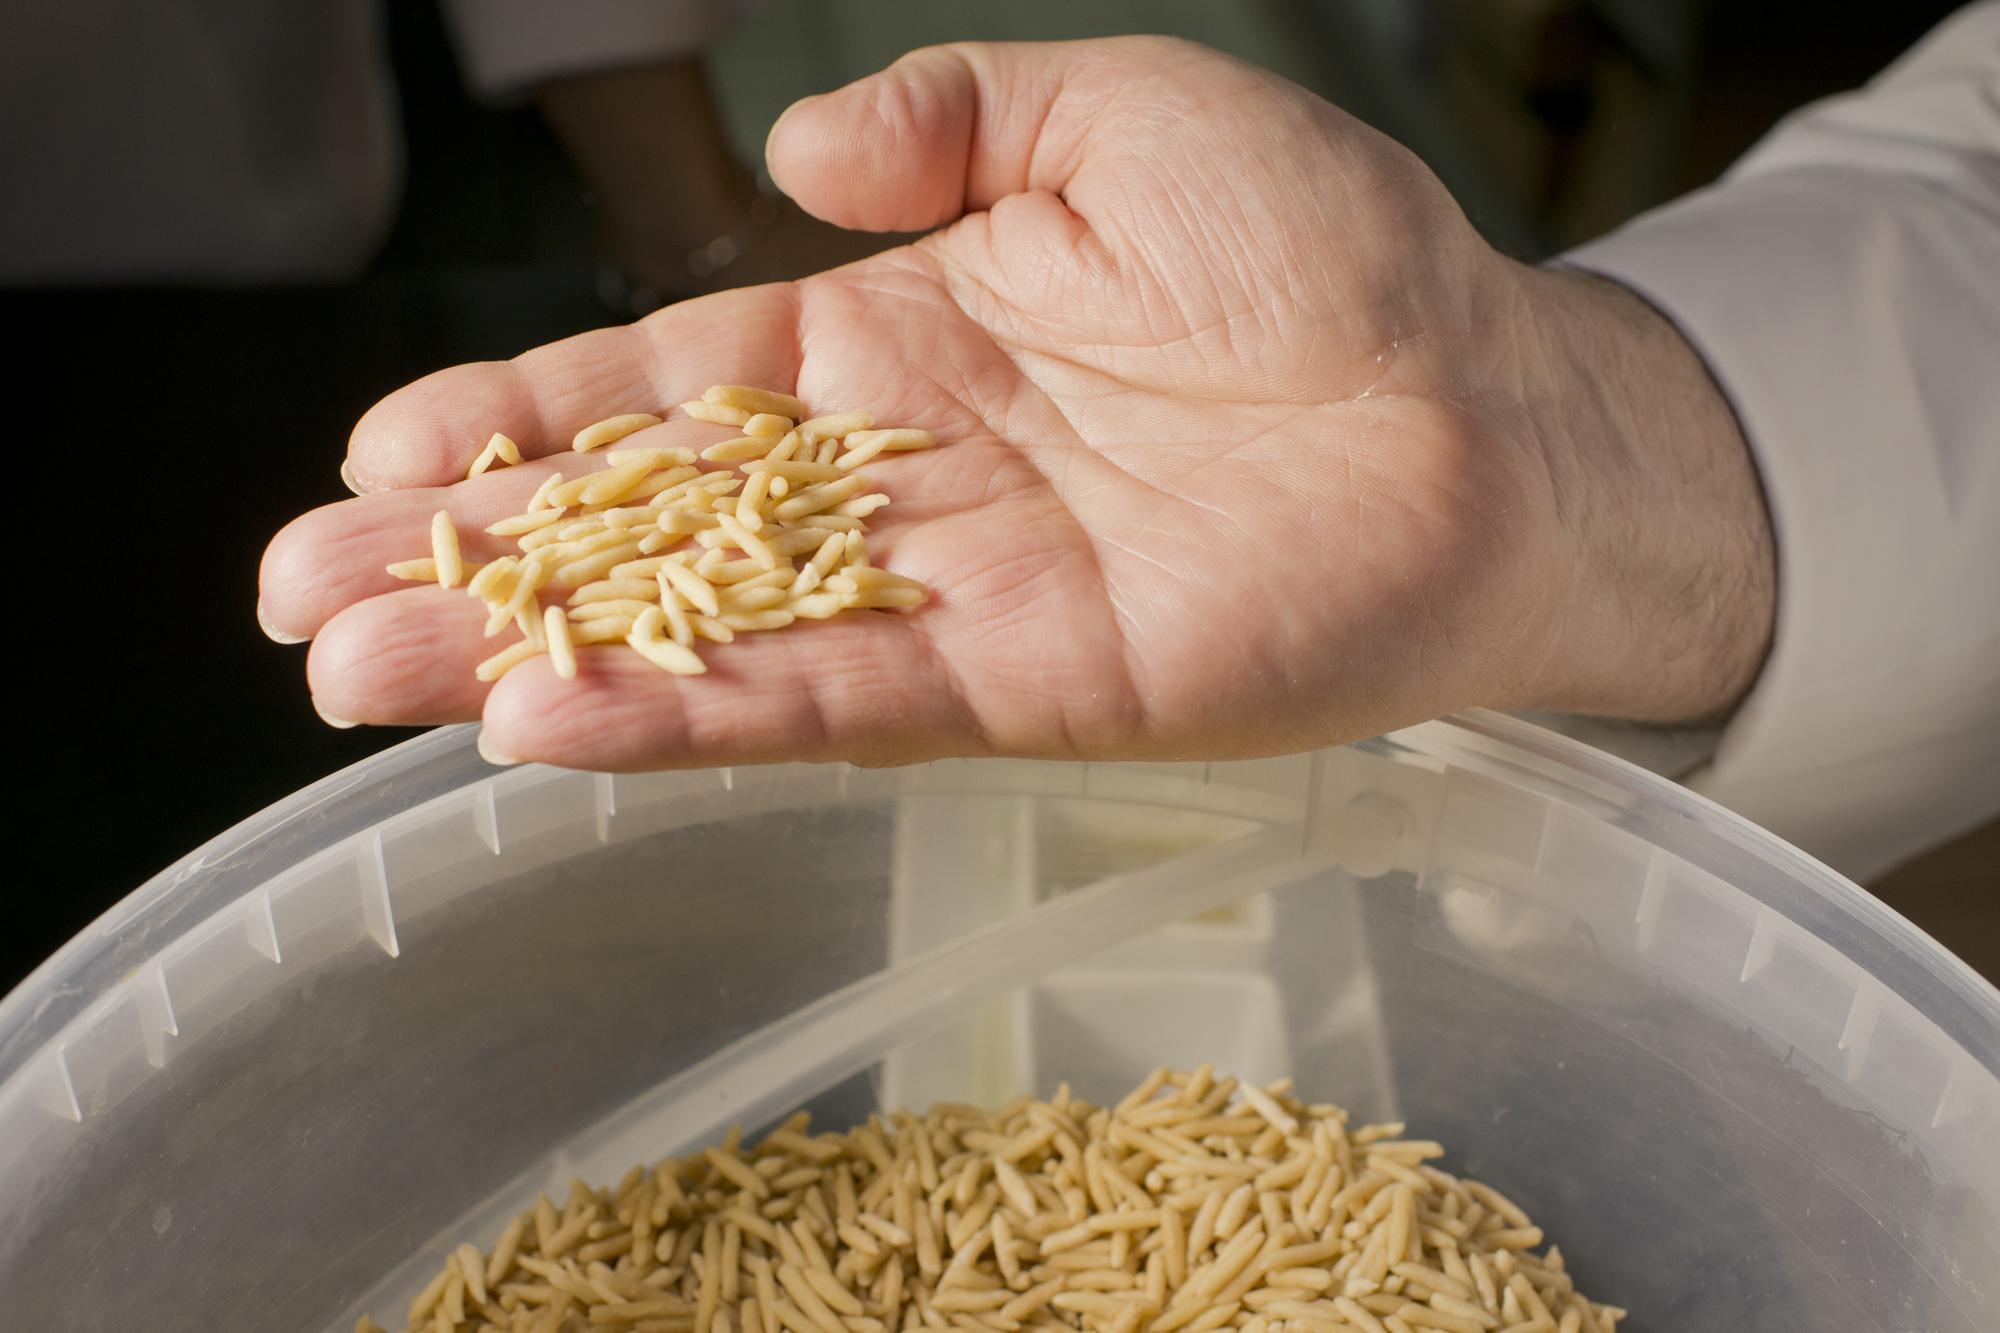 Los gurullos, pasta tradicional de Almería que se moldea a mano.